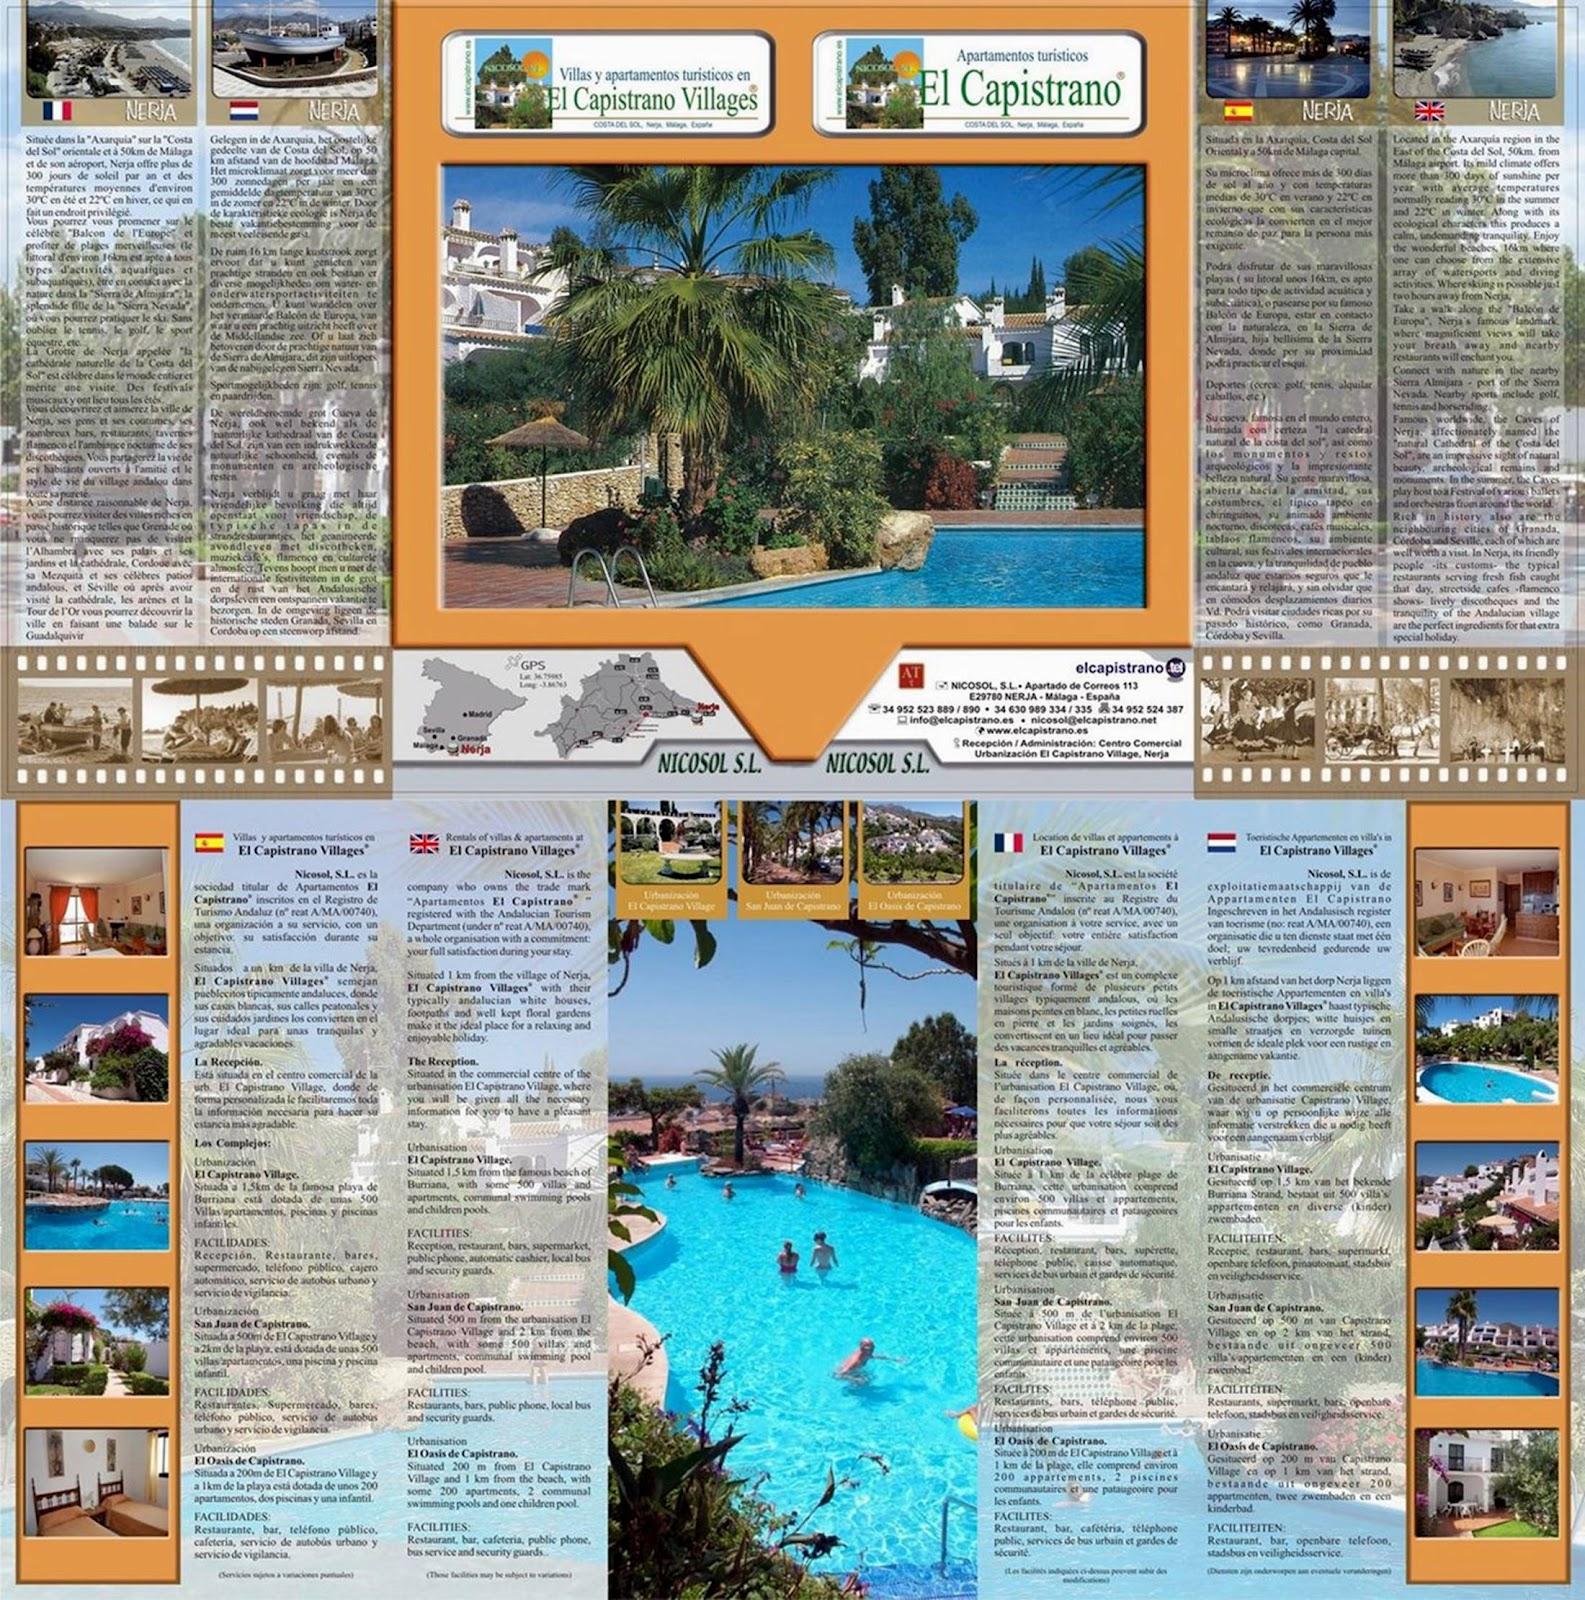 El Capistrano folleto online - Nicosol, SL.